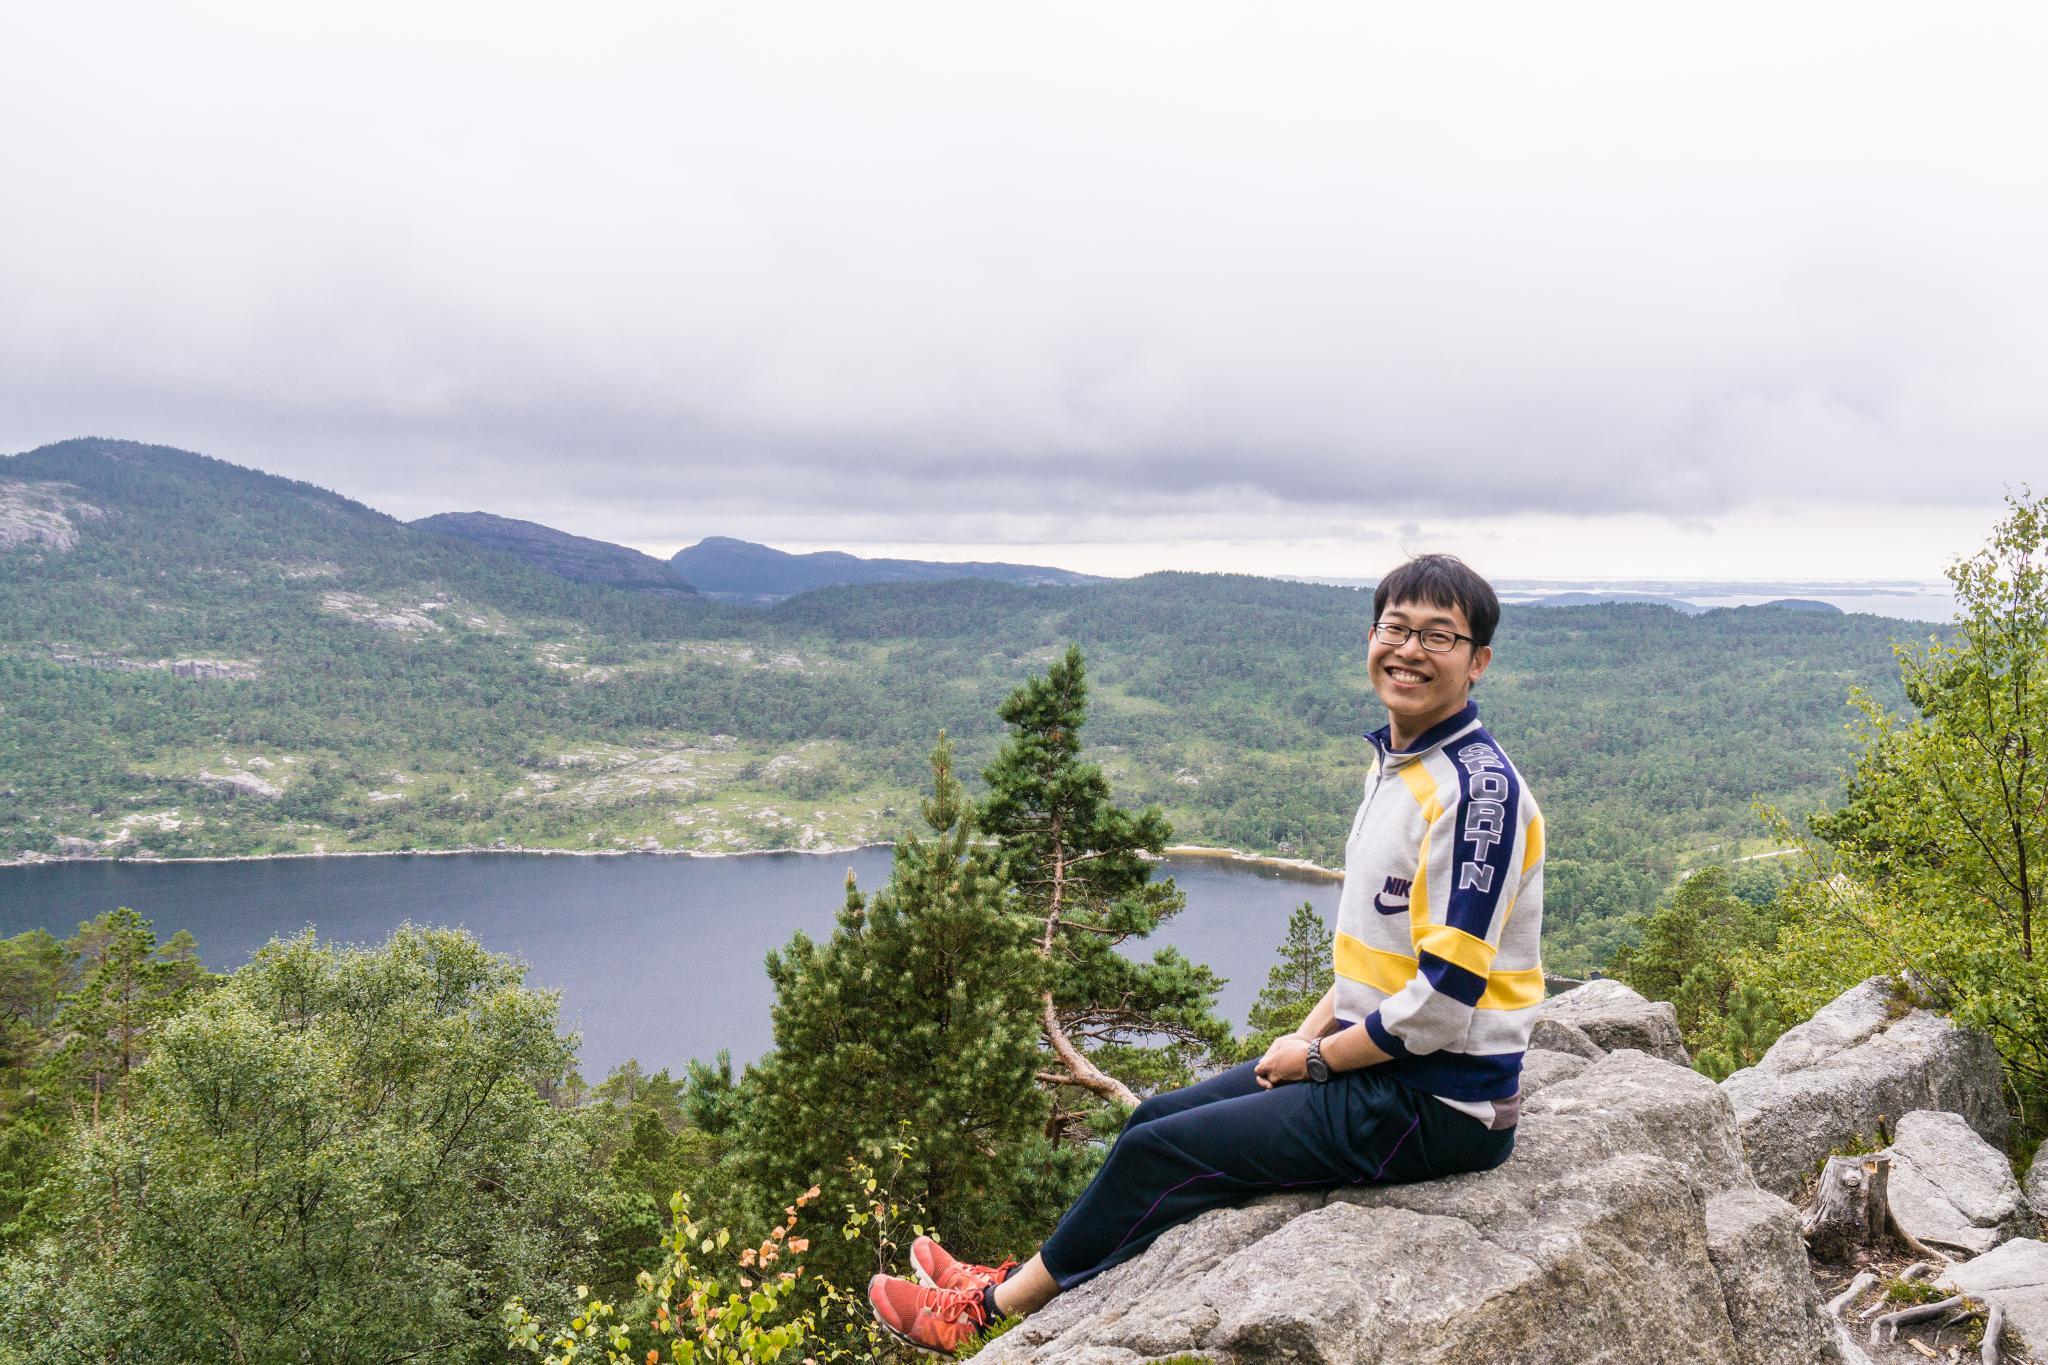 【北歐景點】朝聖挪威三大奇岩:聖壇岩Preikestolen健行紀錄 9